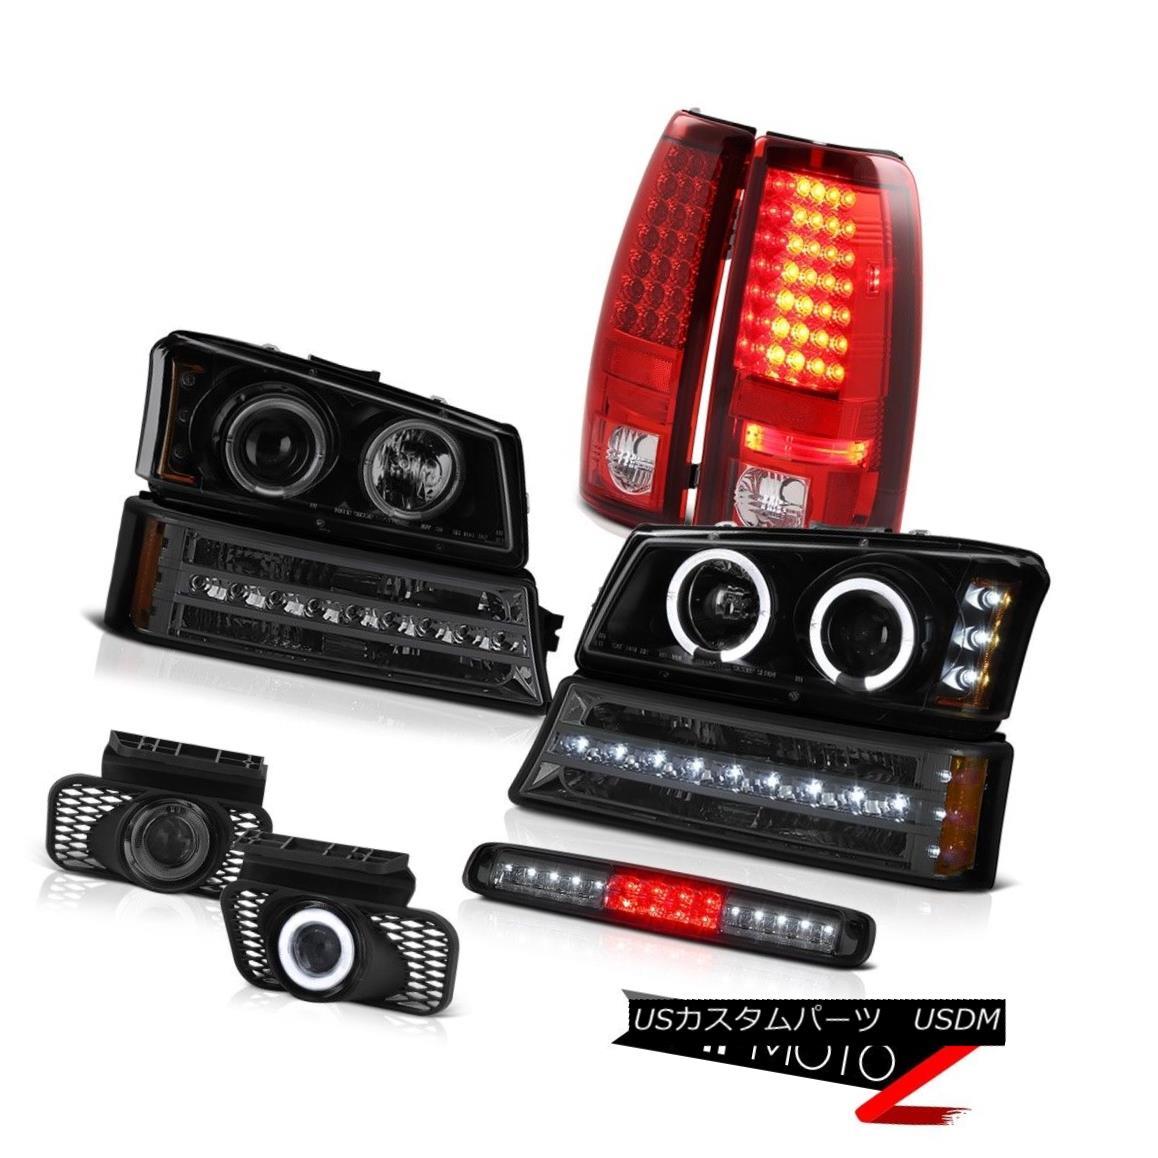 テールライト 03-06 Silverado Smoked 3RD Brake Light Foglights Signal Headlights Taillights 03-06シルバラードスモーク3RDブレーキライトフォグライト信号ヘッドライトテールライト